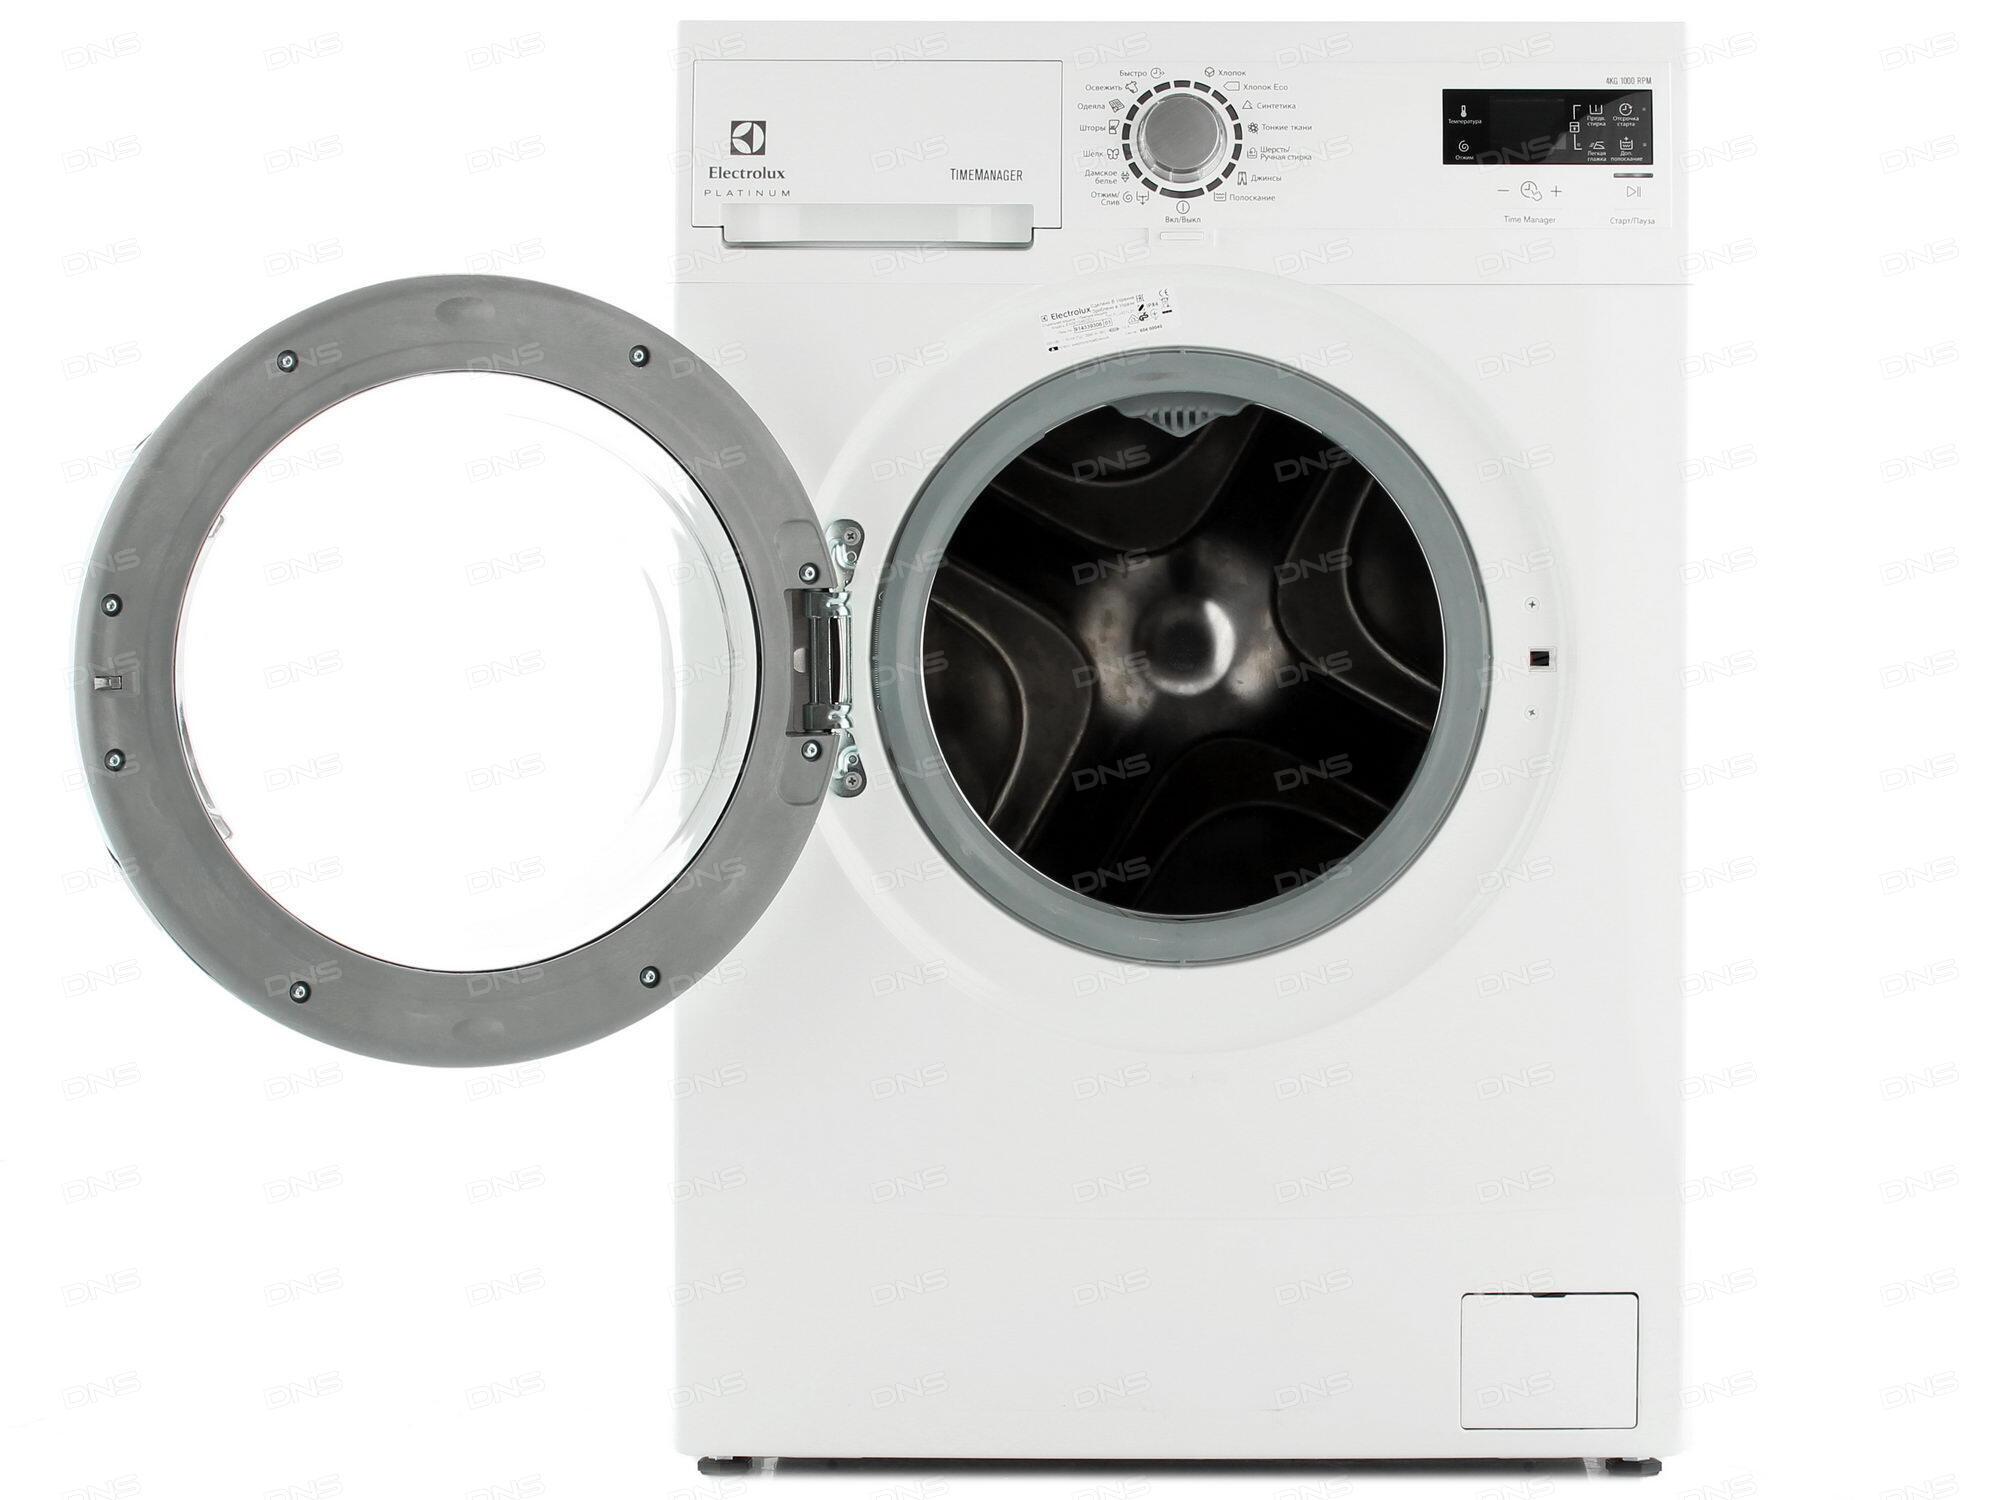 ремонт стиральных машин сао г.москвы